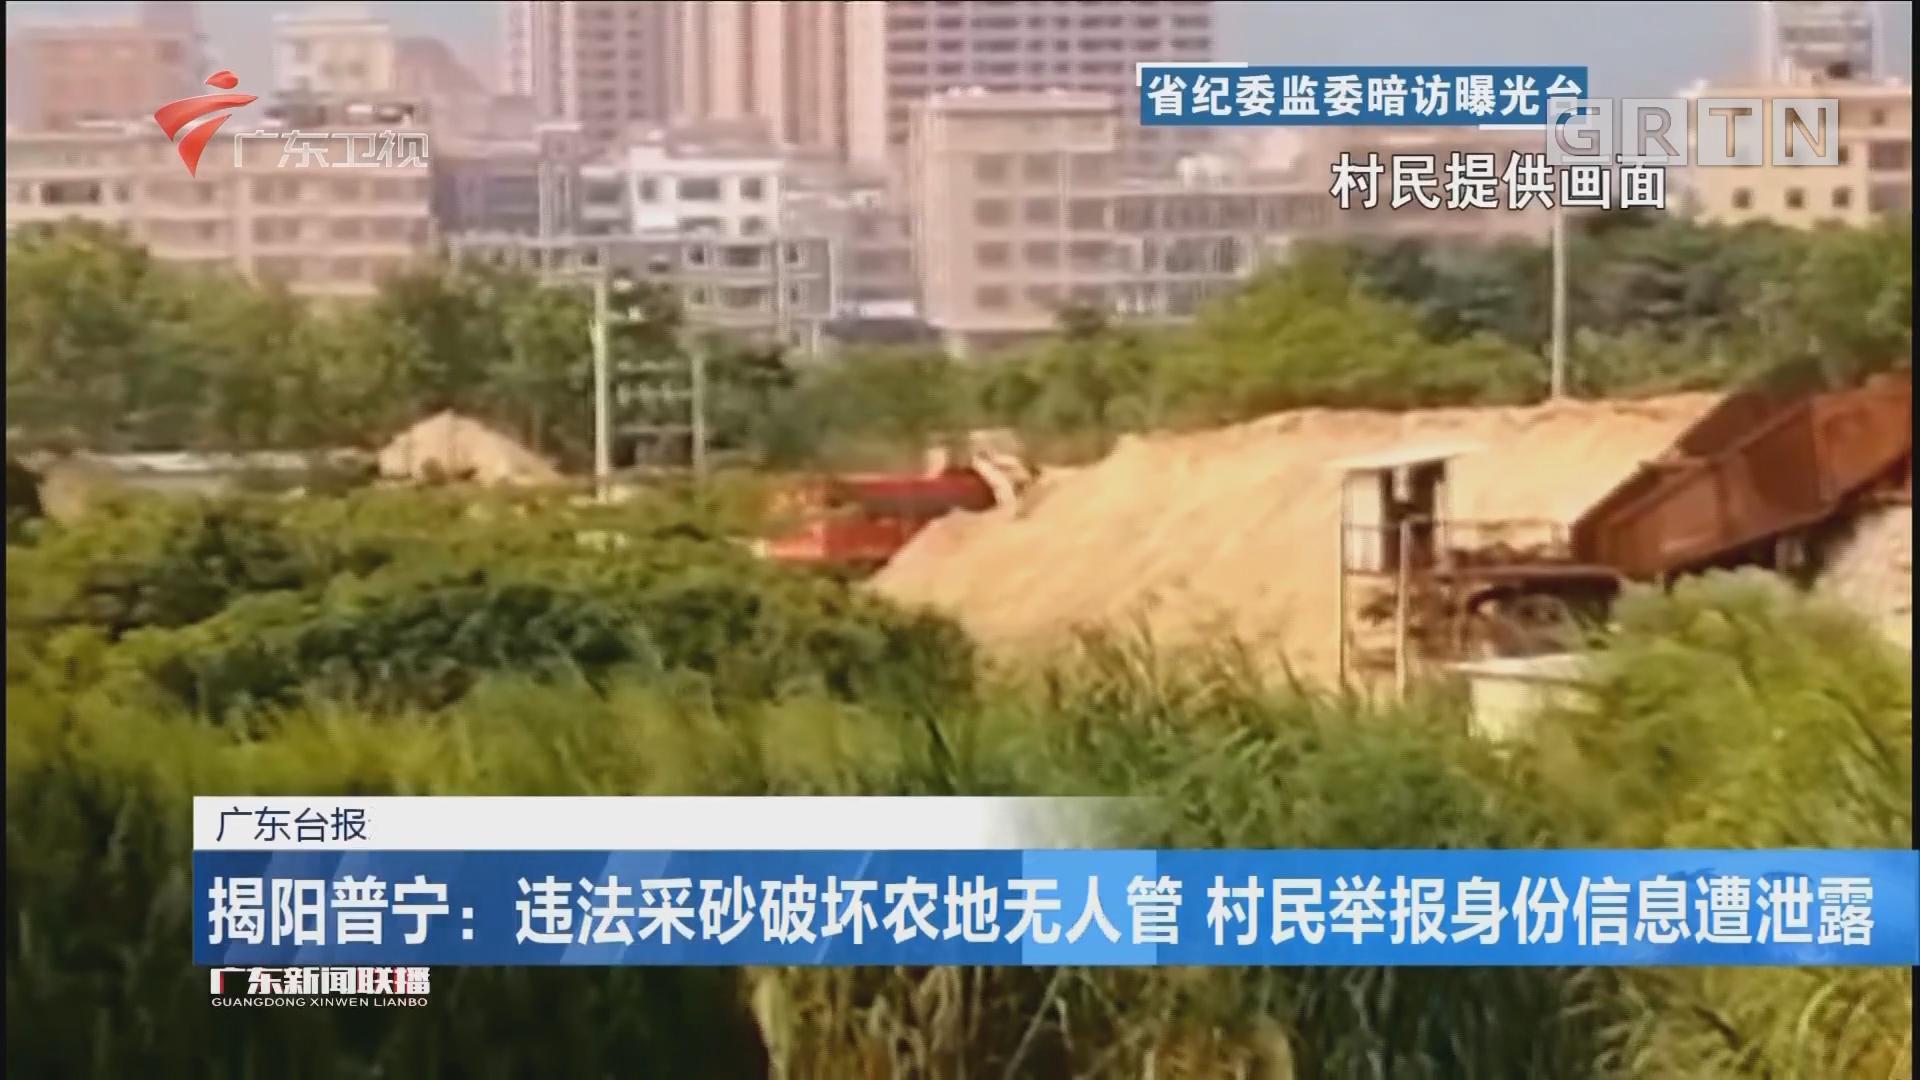 揭阳普宁:违法采砂破坏农地无人管 村民举报身份信息遭泄露